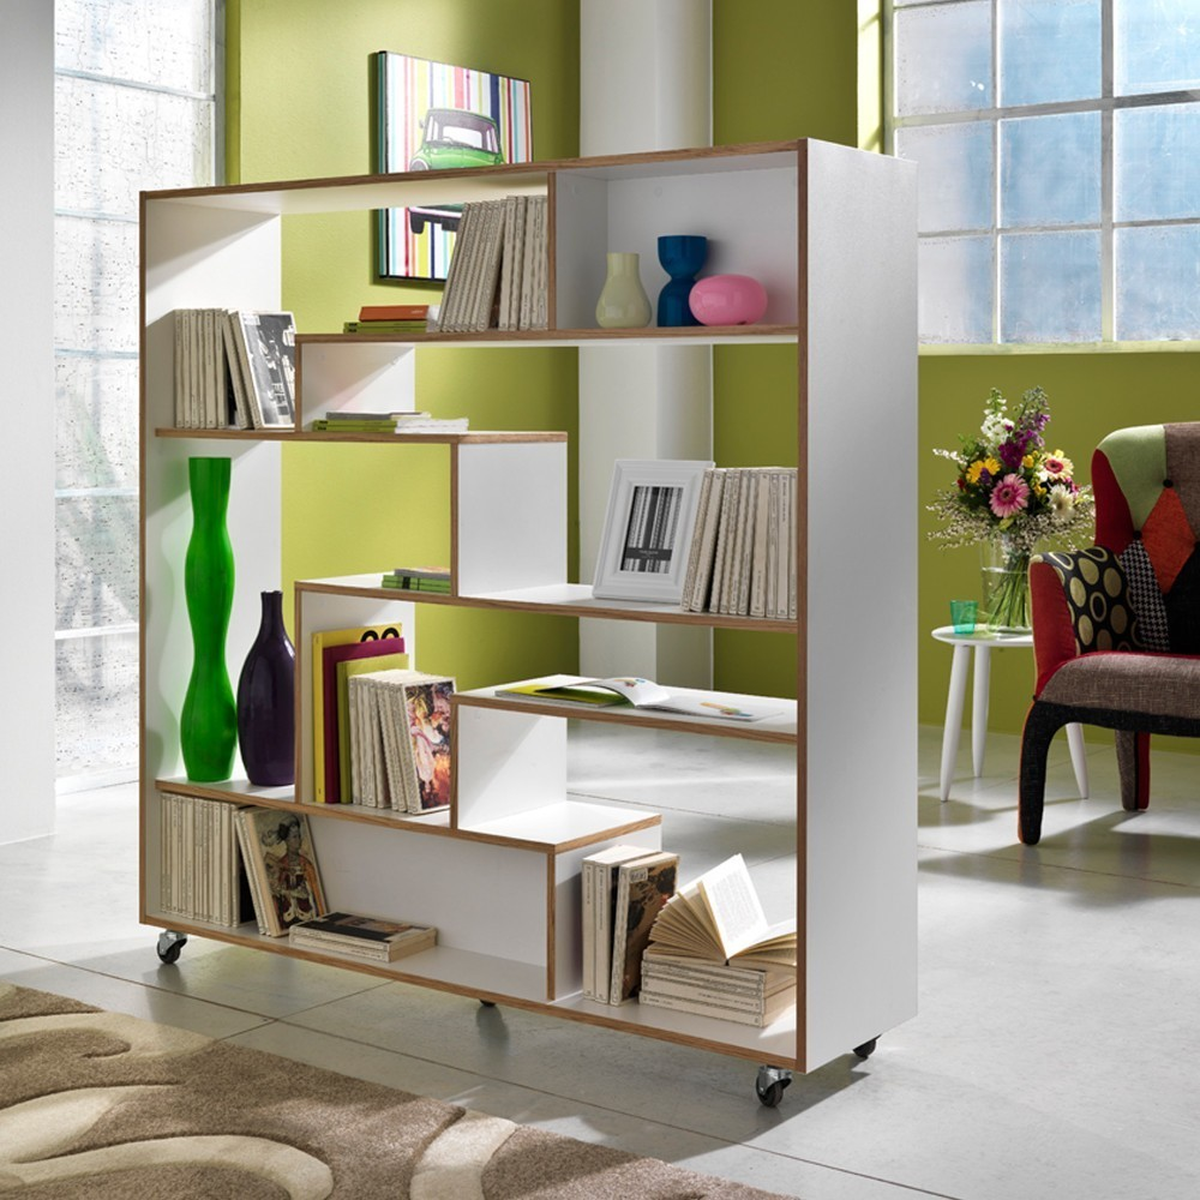 Libreria su ruote moving in legno laccato bianco 145 x 160 cm for Legno laccato